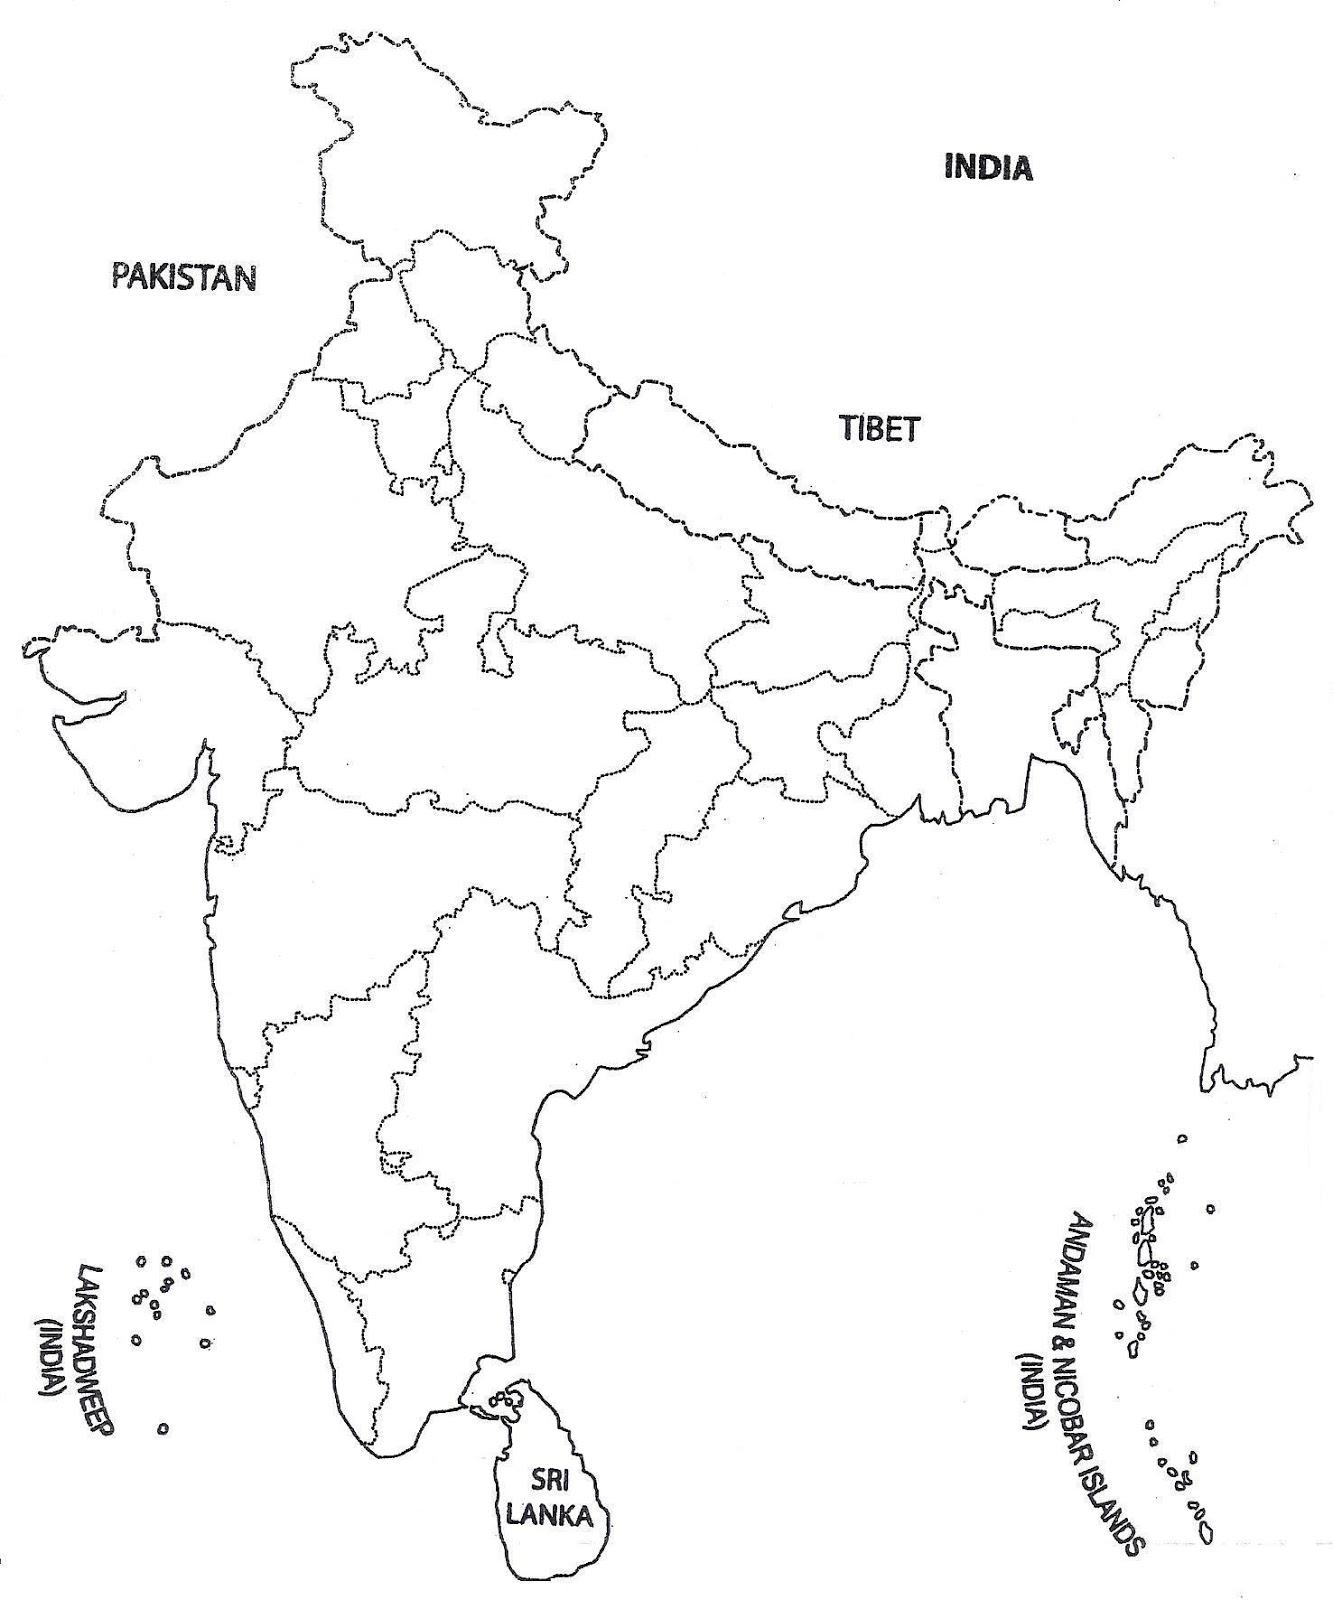 Aadithya's Maps